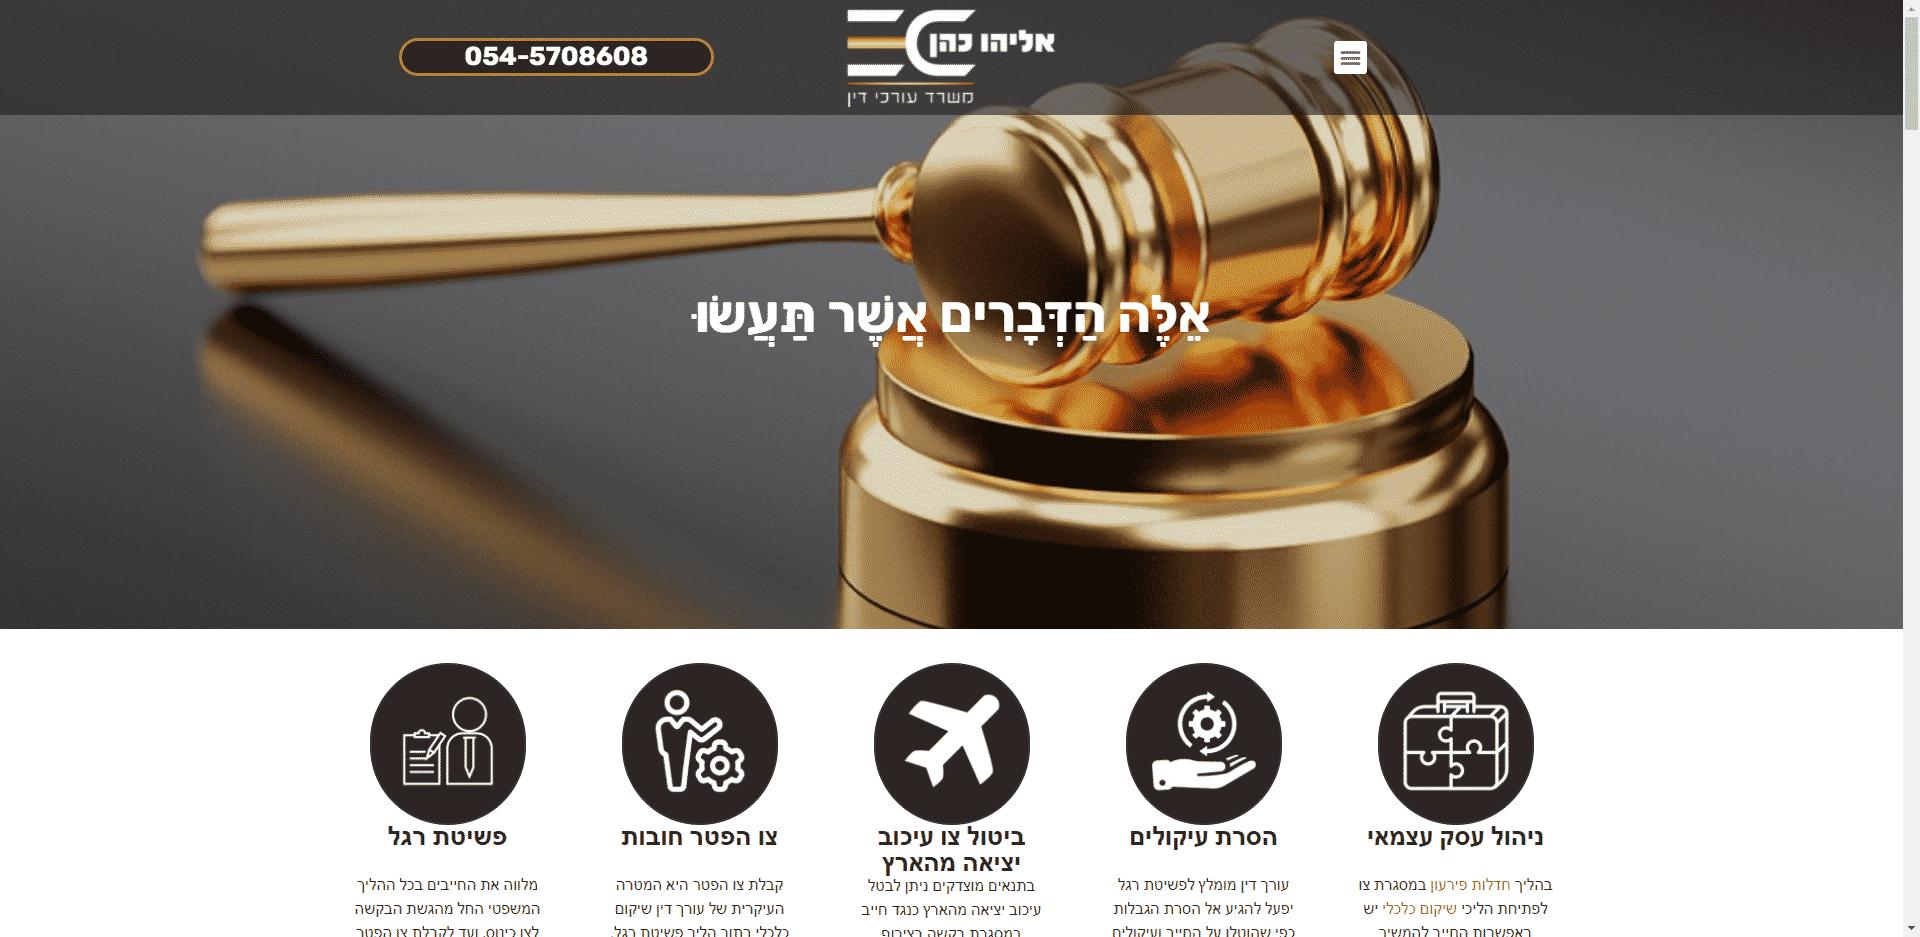 בונה אתרי עורכי דין